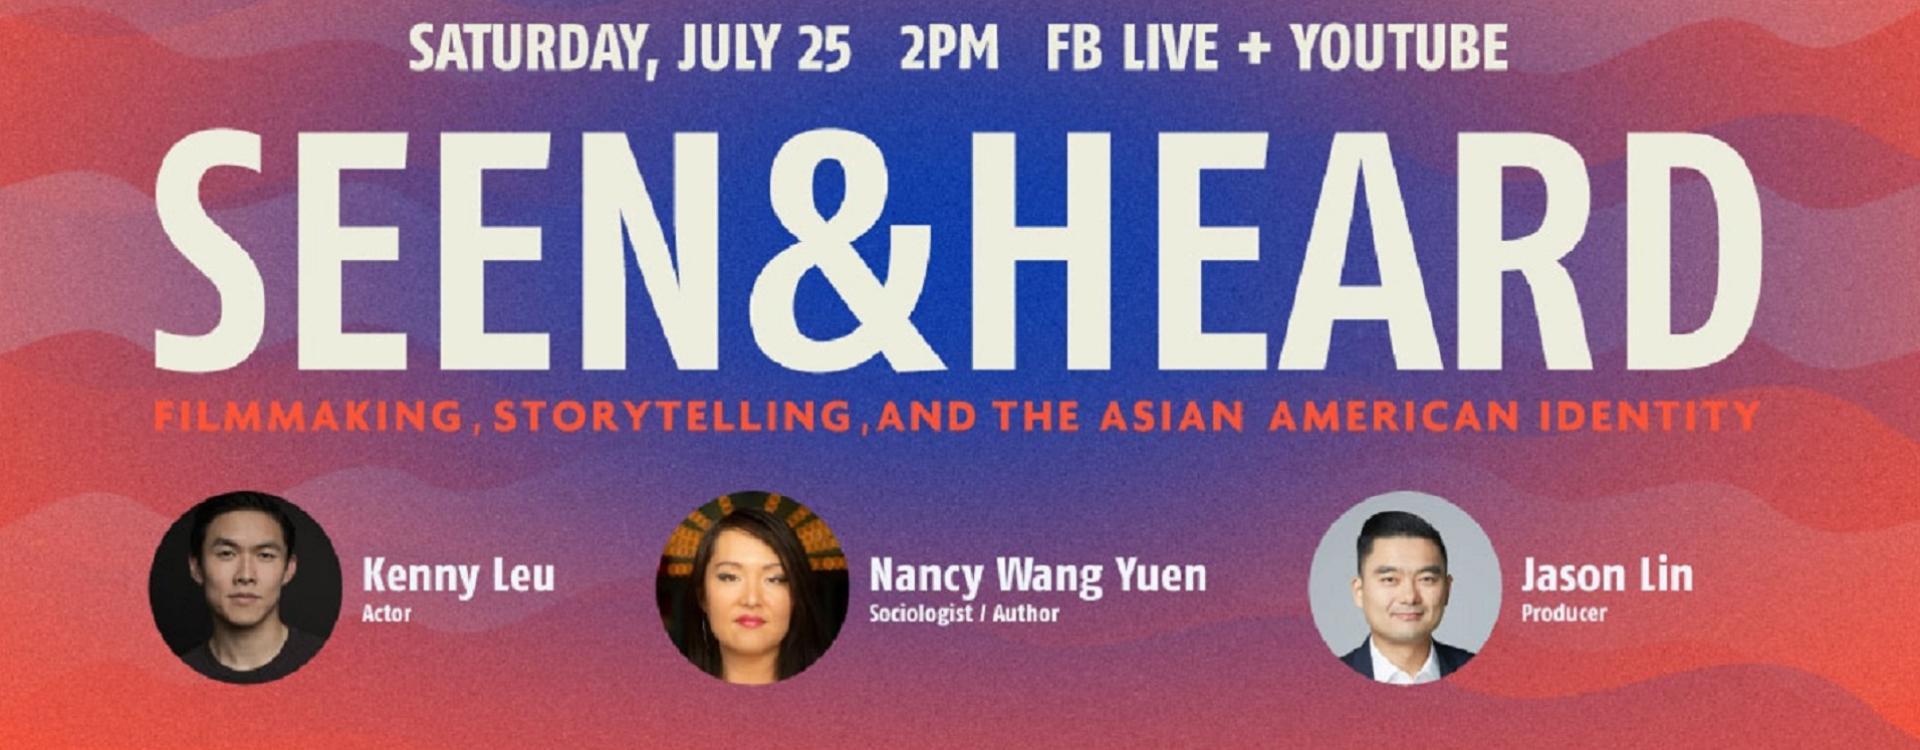 第四屆台美電影節推出線上座談 「讓世界看見:談亞裔美國人在電影中的定位」「另開新視窗」